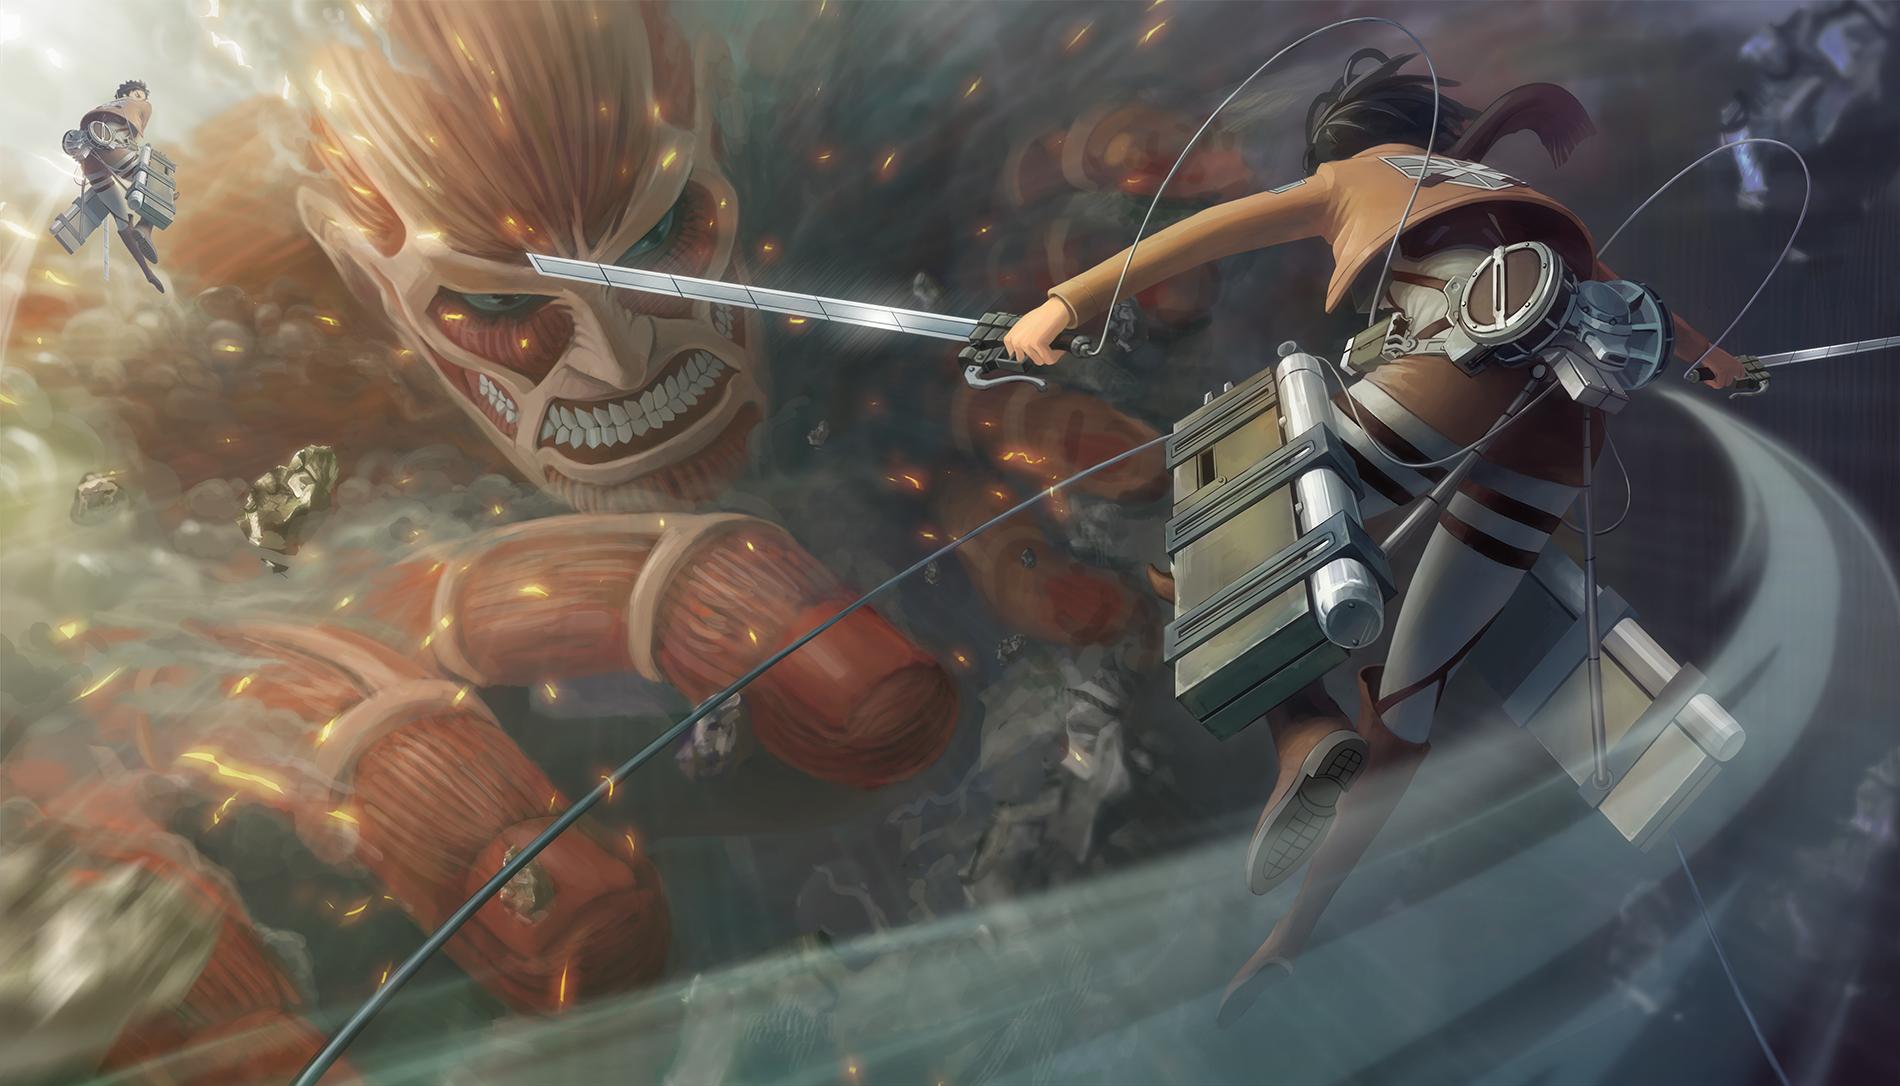 El juego de Attack on Titan para 3DS obtiene un nuevo teaser [Video]